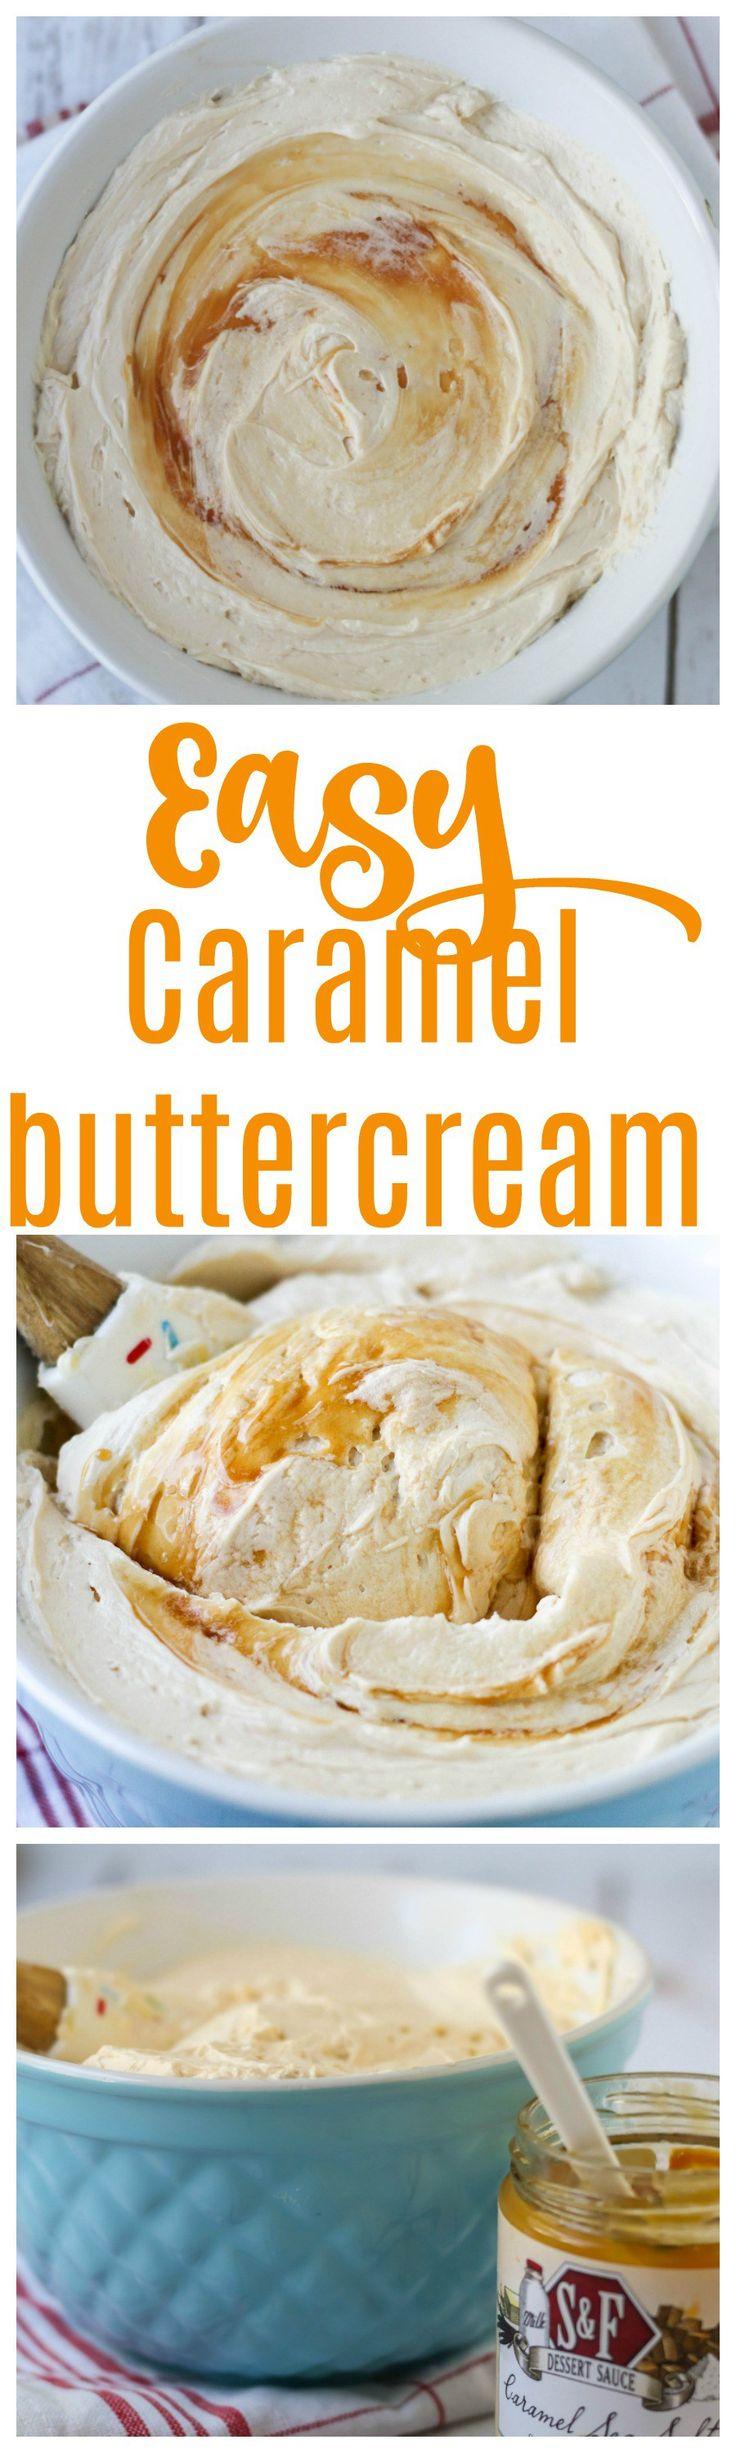 easy caramel icing | caramel buttercream | caramel icing | how to make caramel buttercream | salted caramel buttercream